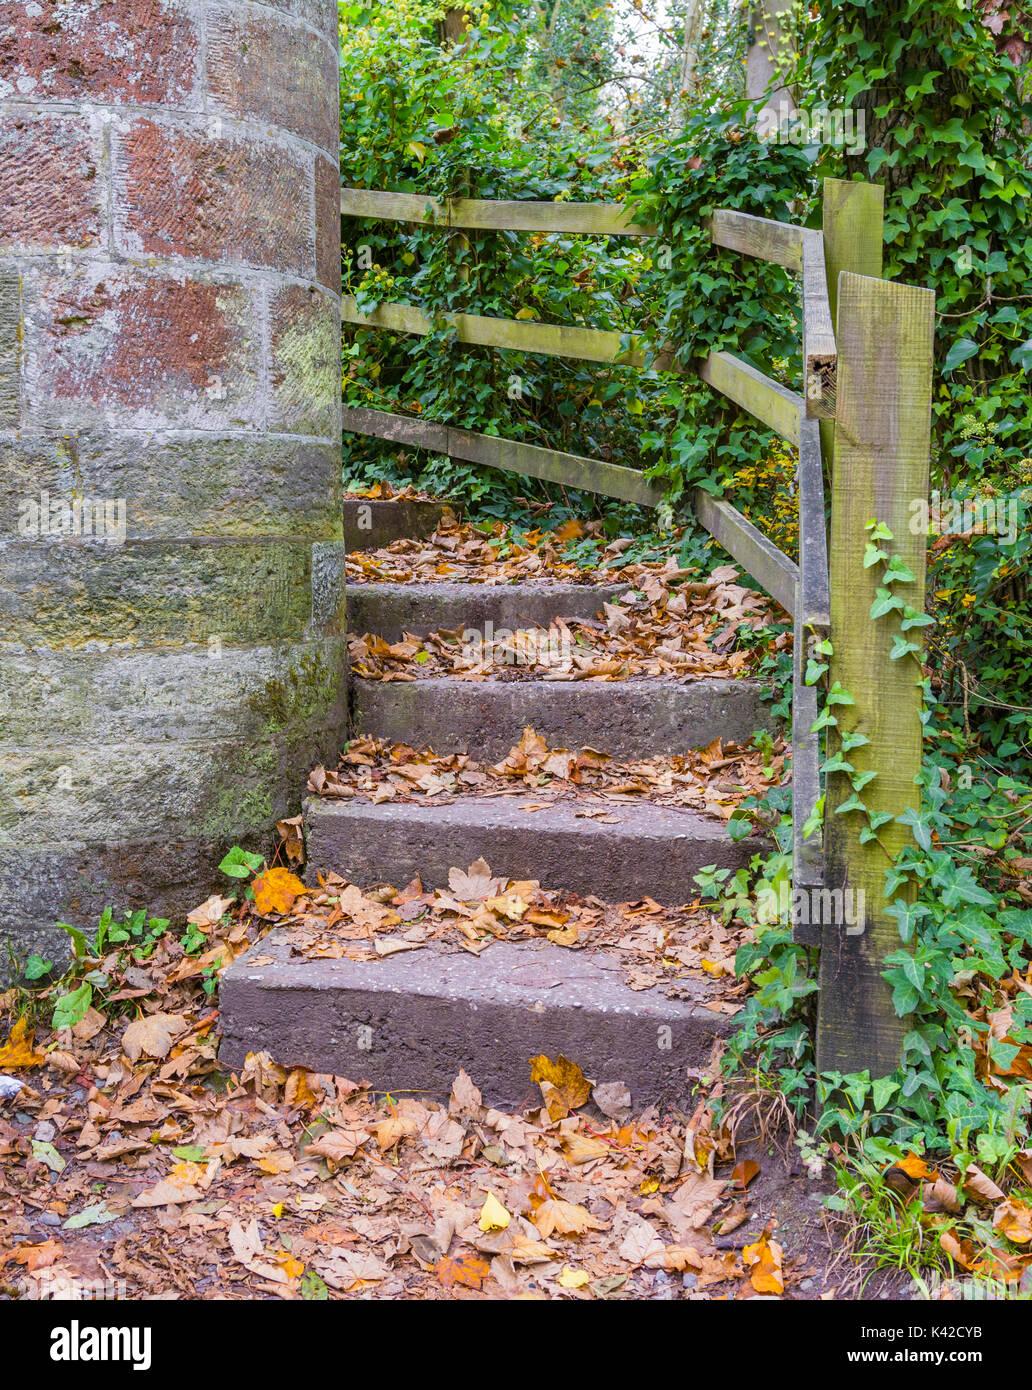 Deja en el suelo sobre una antigua escalera de piedra en el otoño en Arundel, West Sussex, Inglaterra, Reino Unido. La vista vertical. Concepto de otoño. Imagen De Stock